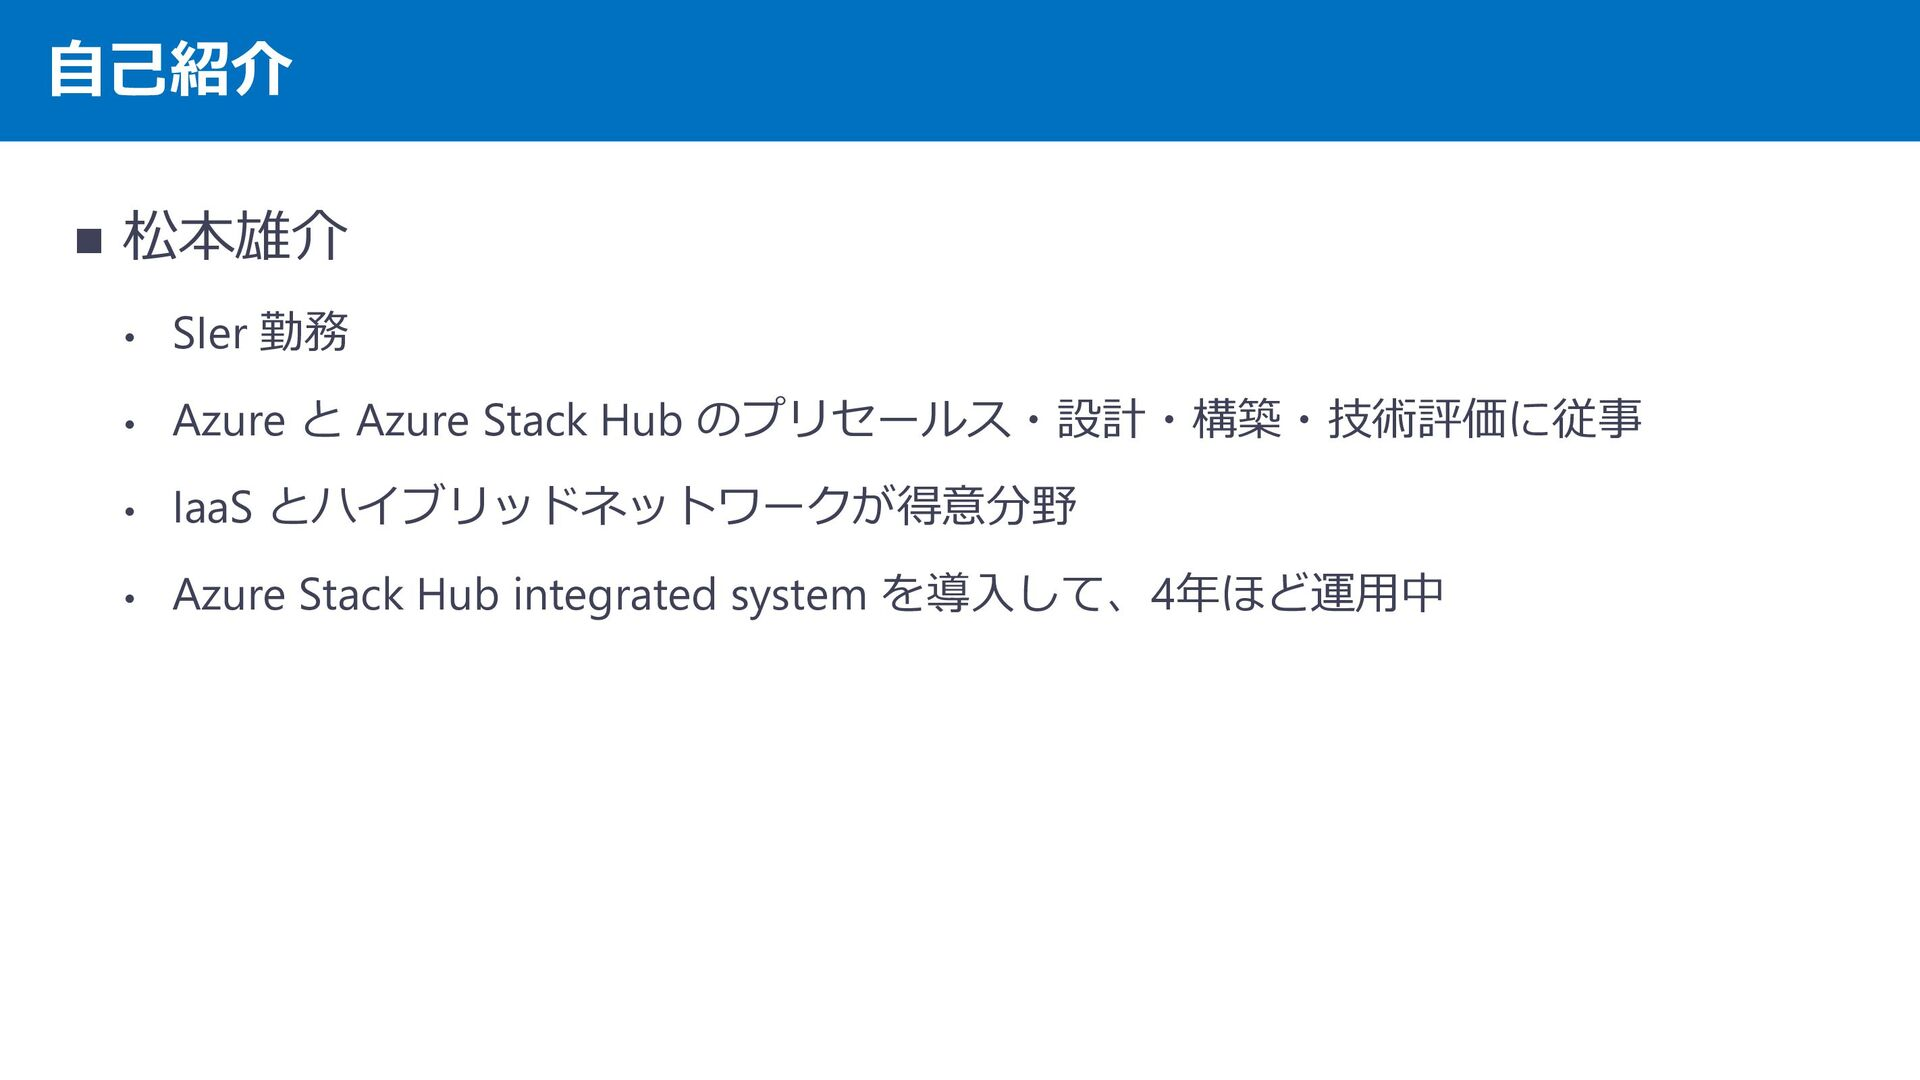 ⾃⼰紹介 ・ 松本雄介 ・ SIer 勤務 ・ Azure と Azure Stack のプリ...